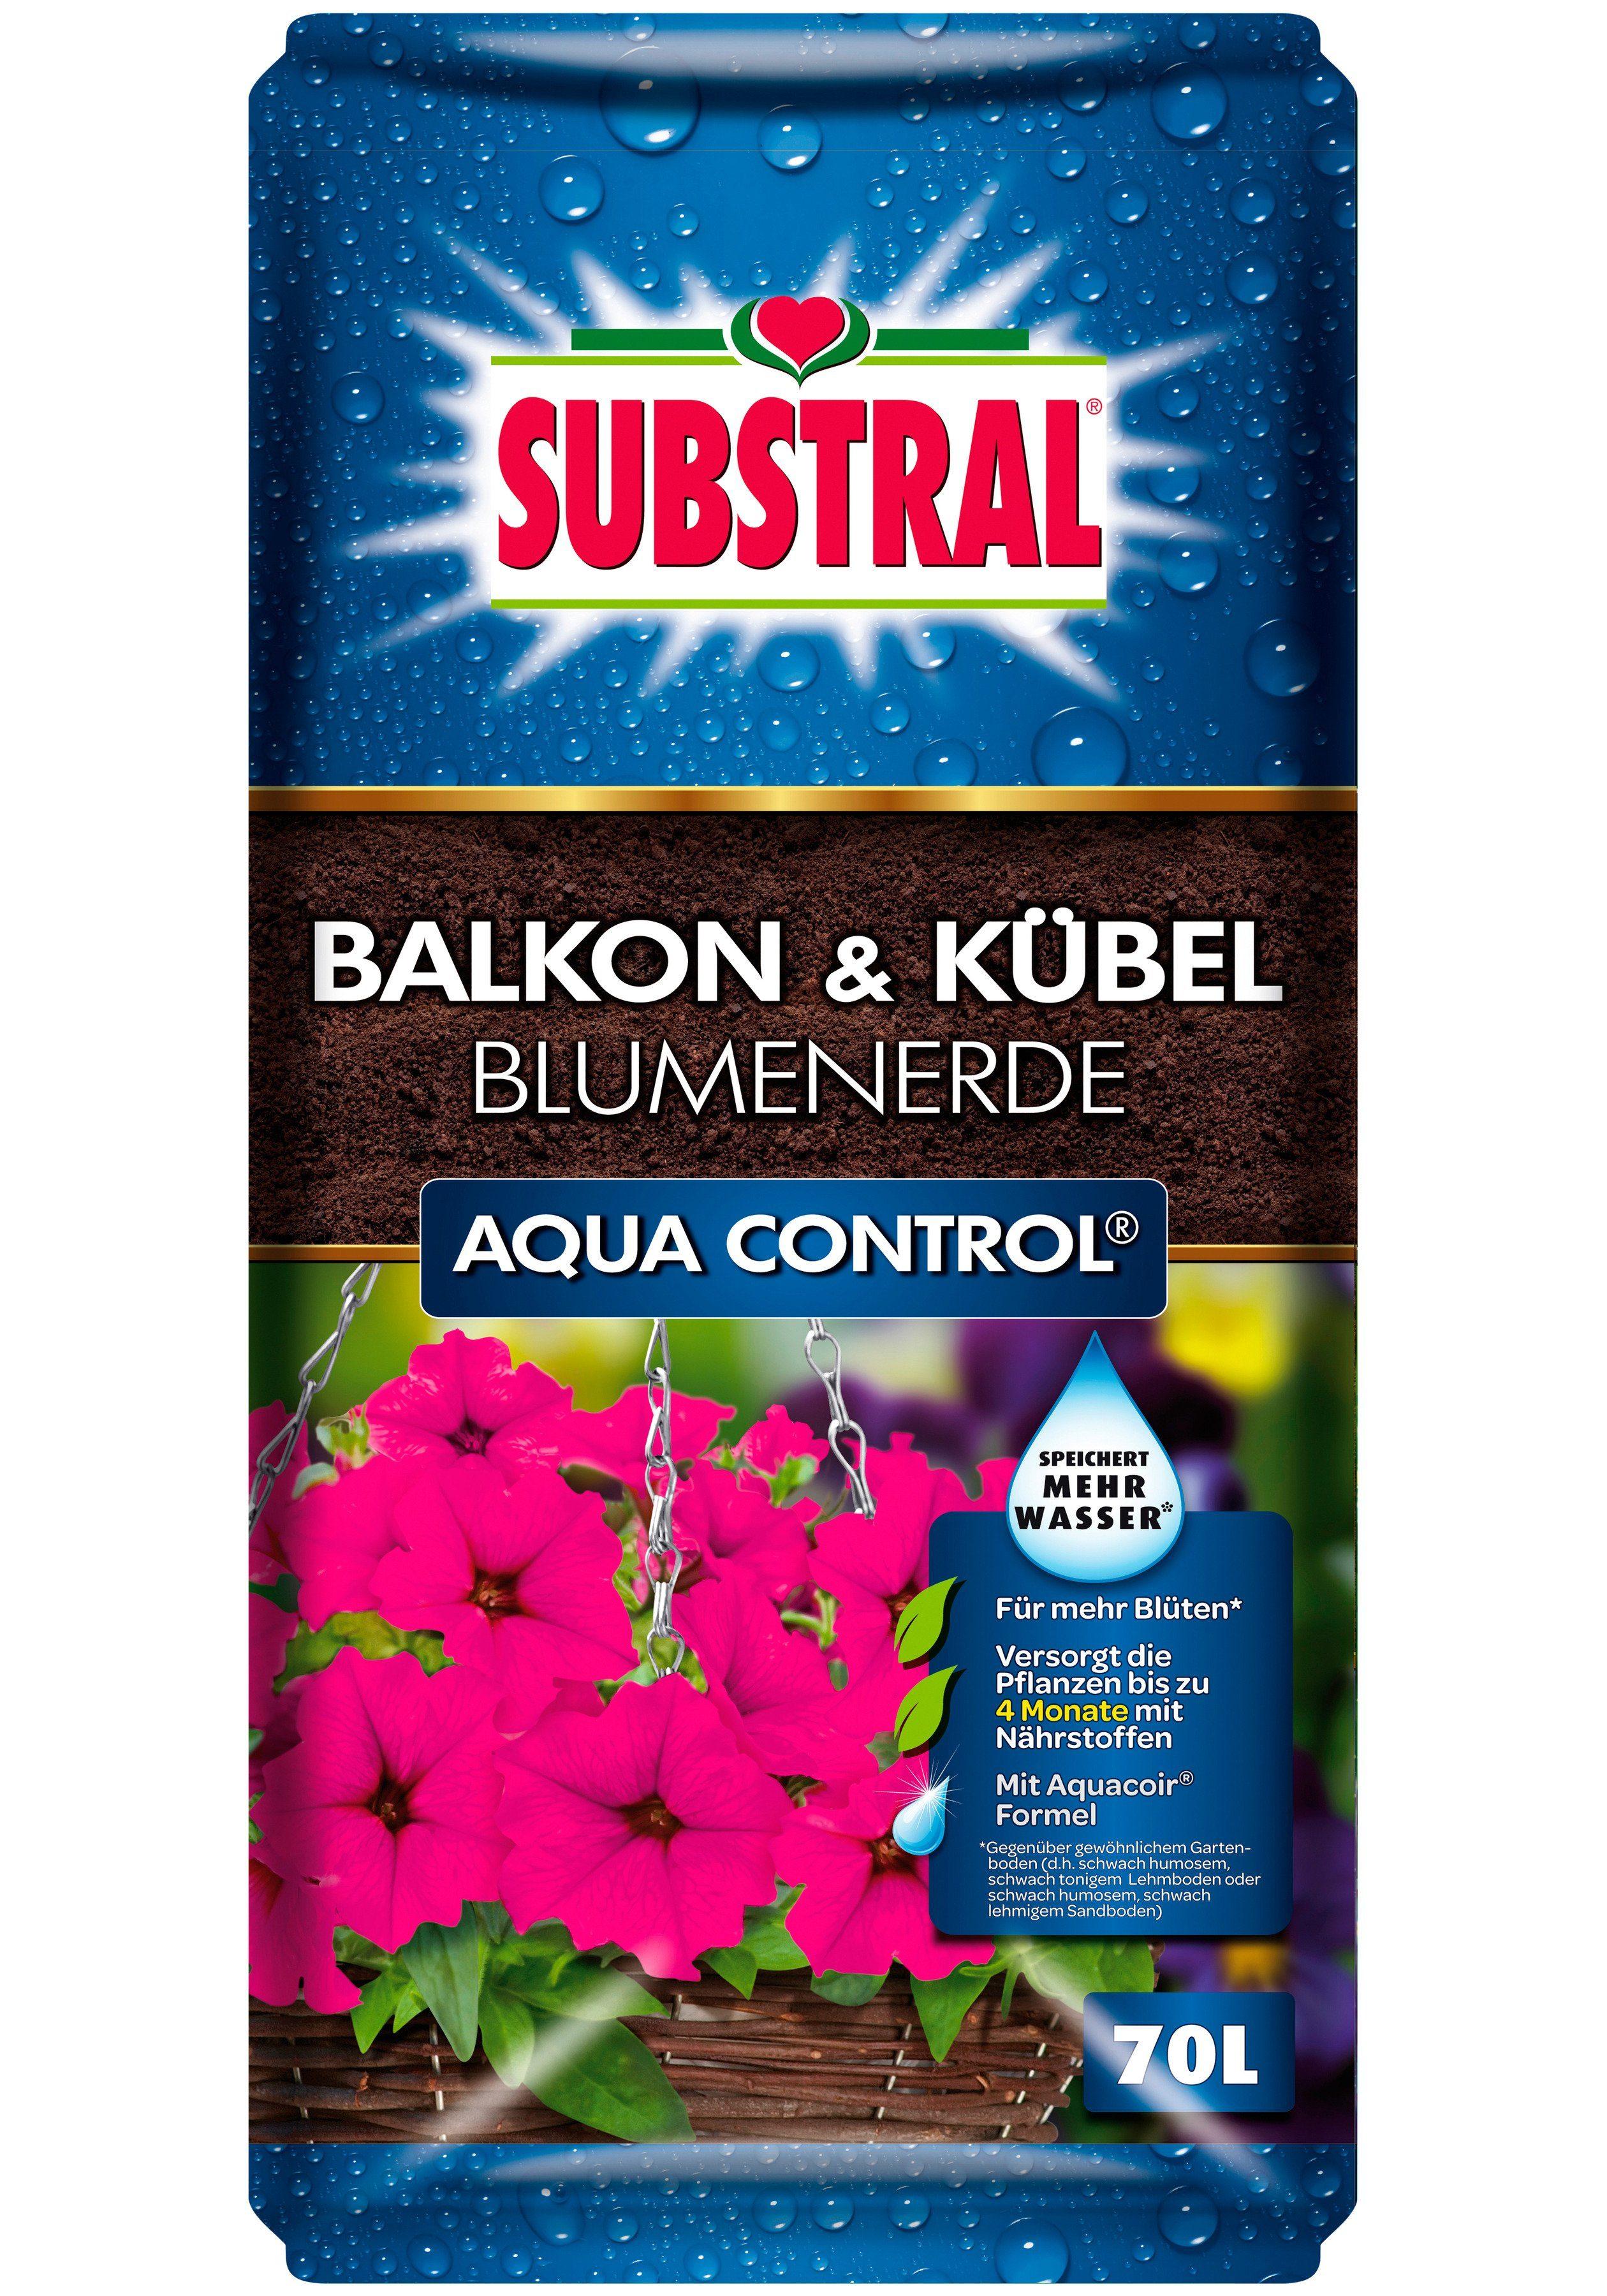 Balkon & Kübel Blumenerde Aqua Control